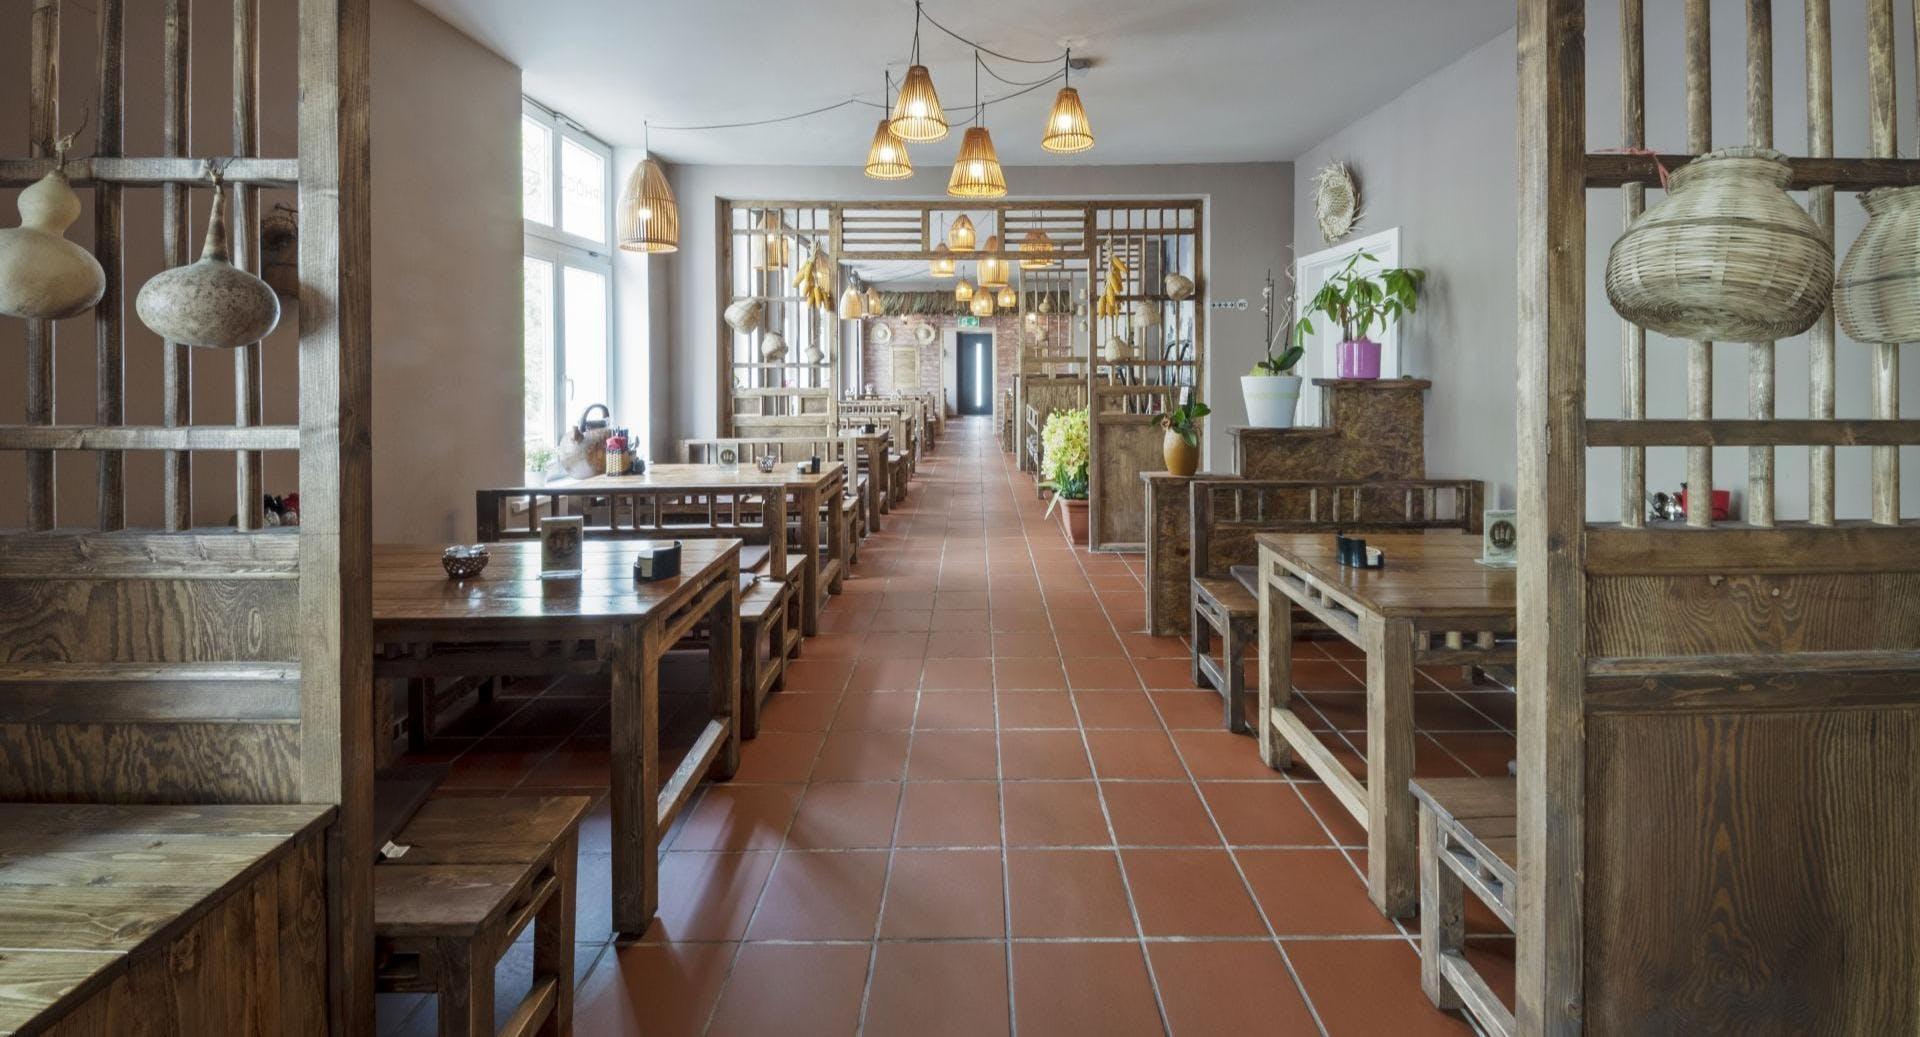 Pho Co Restaurant Leipzig image 3